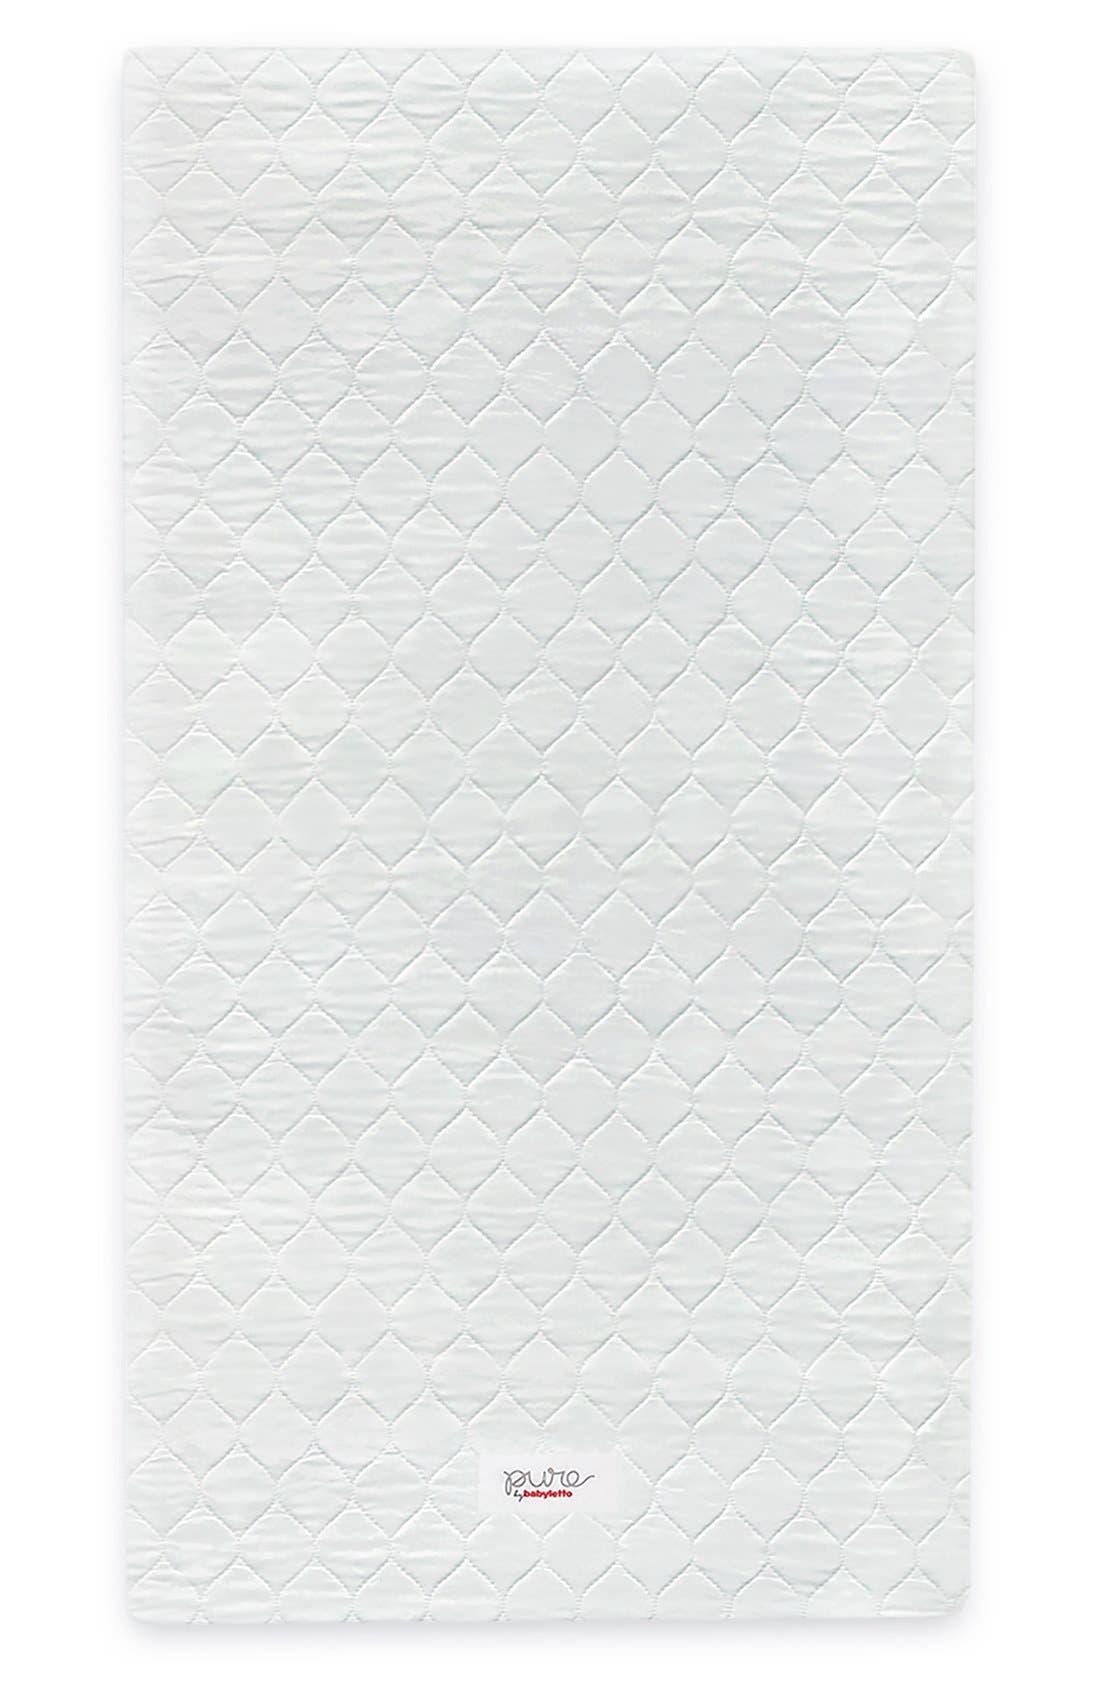 Pure Core Nontoxic Mini Crib Mattress & Hybrid Cover,                             Main thumbnail 1, color,                             White